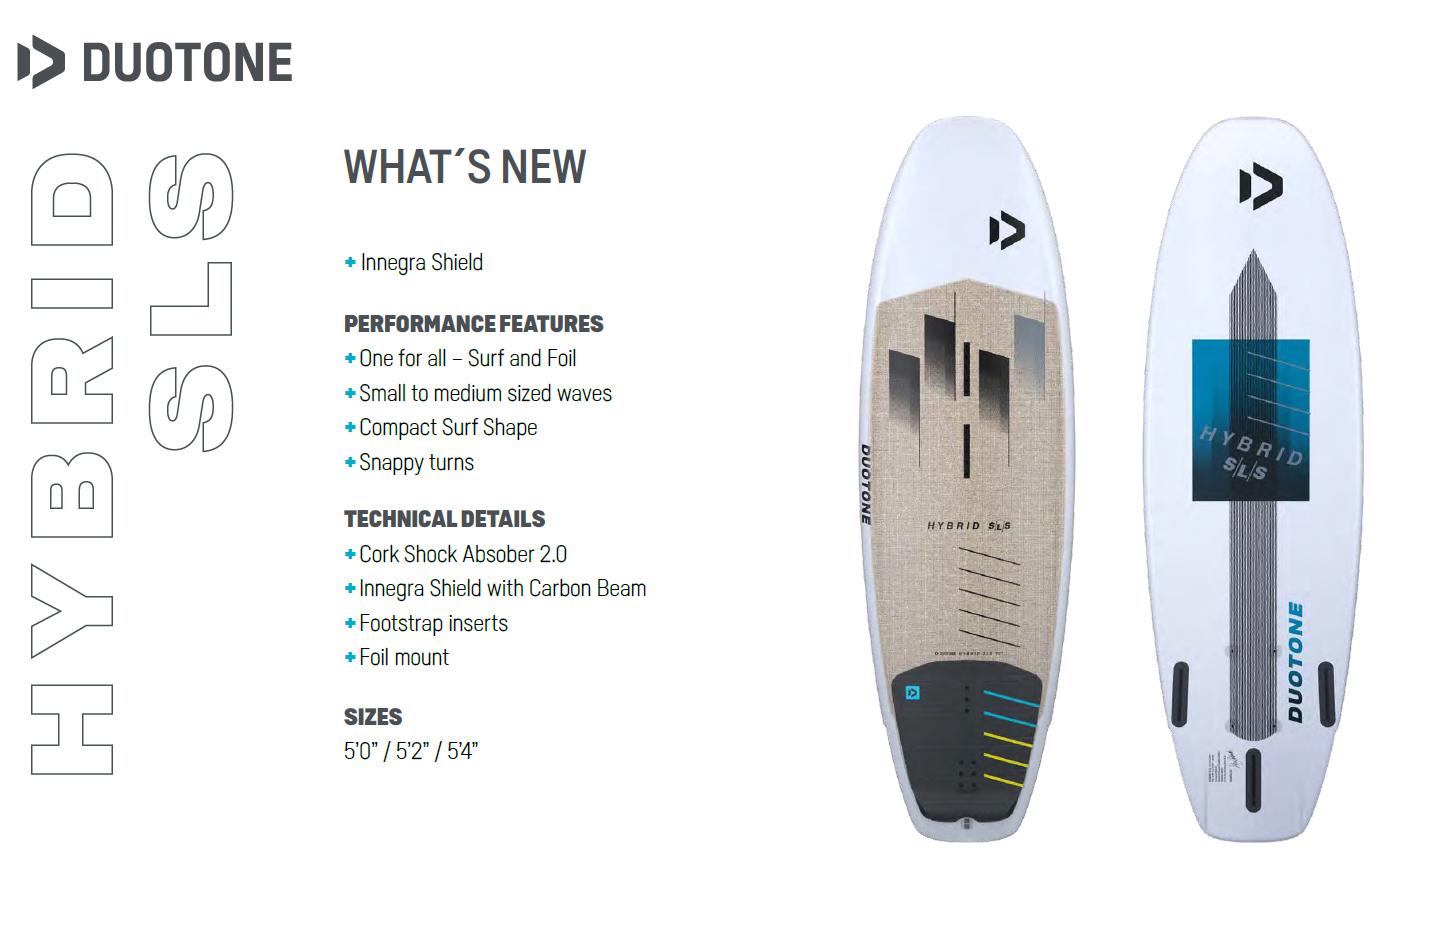 Planche de surfkite et foil Duotone Hybrid SLS 2021